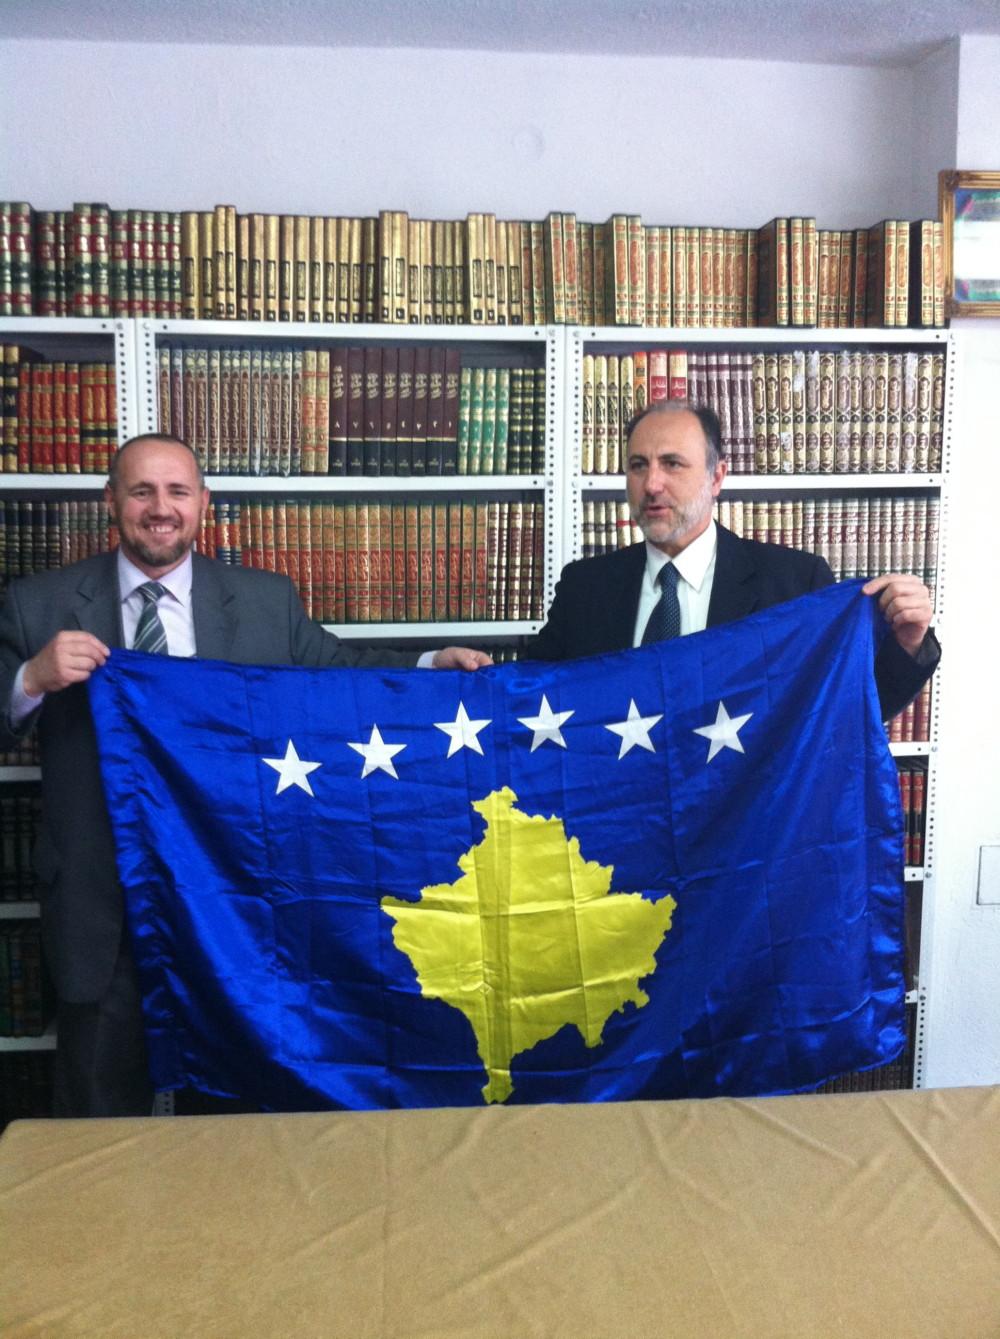 bandiera-kosovo